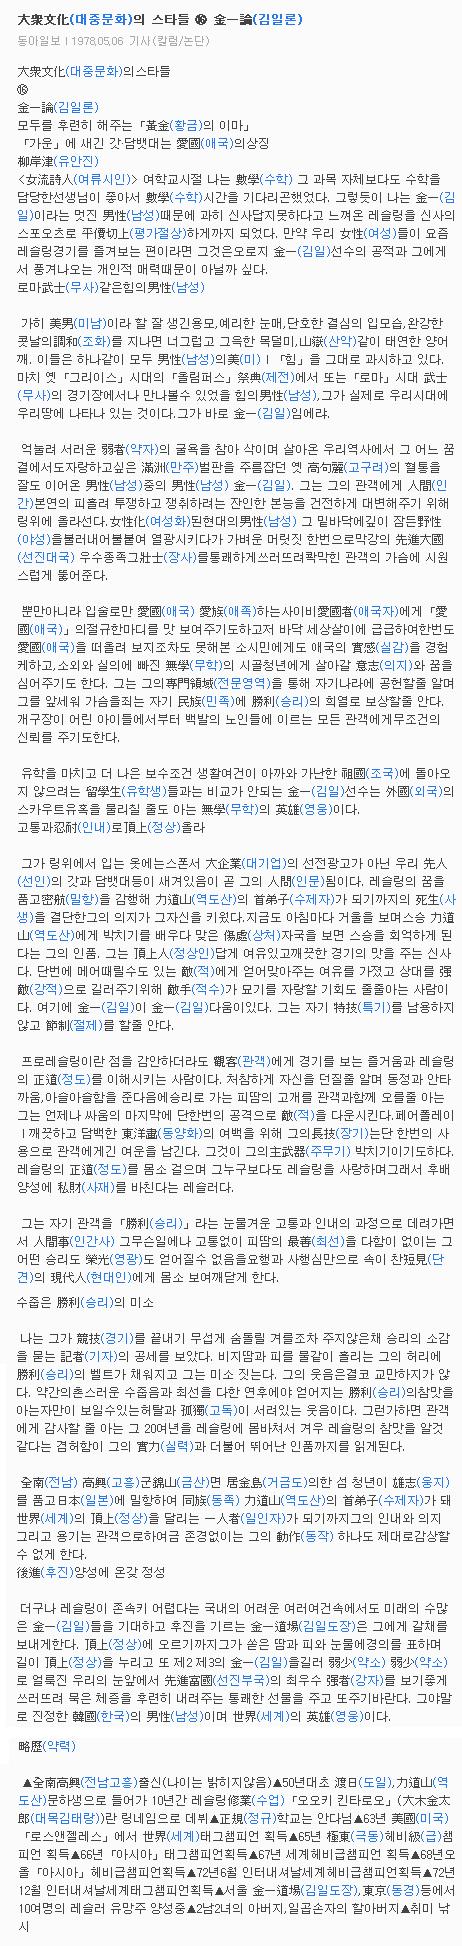 19780506_kimil_text.png